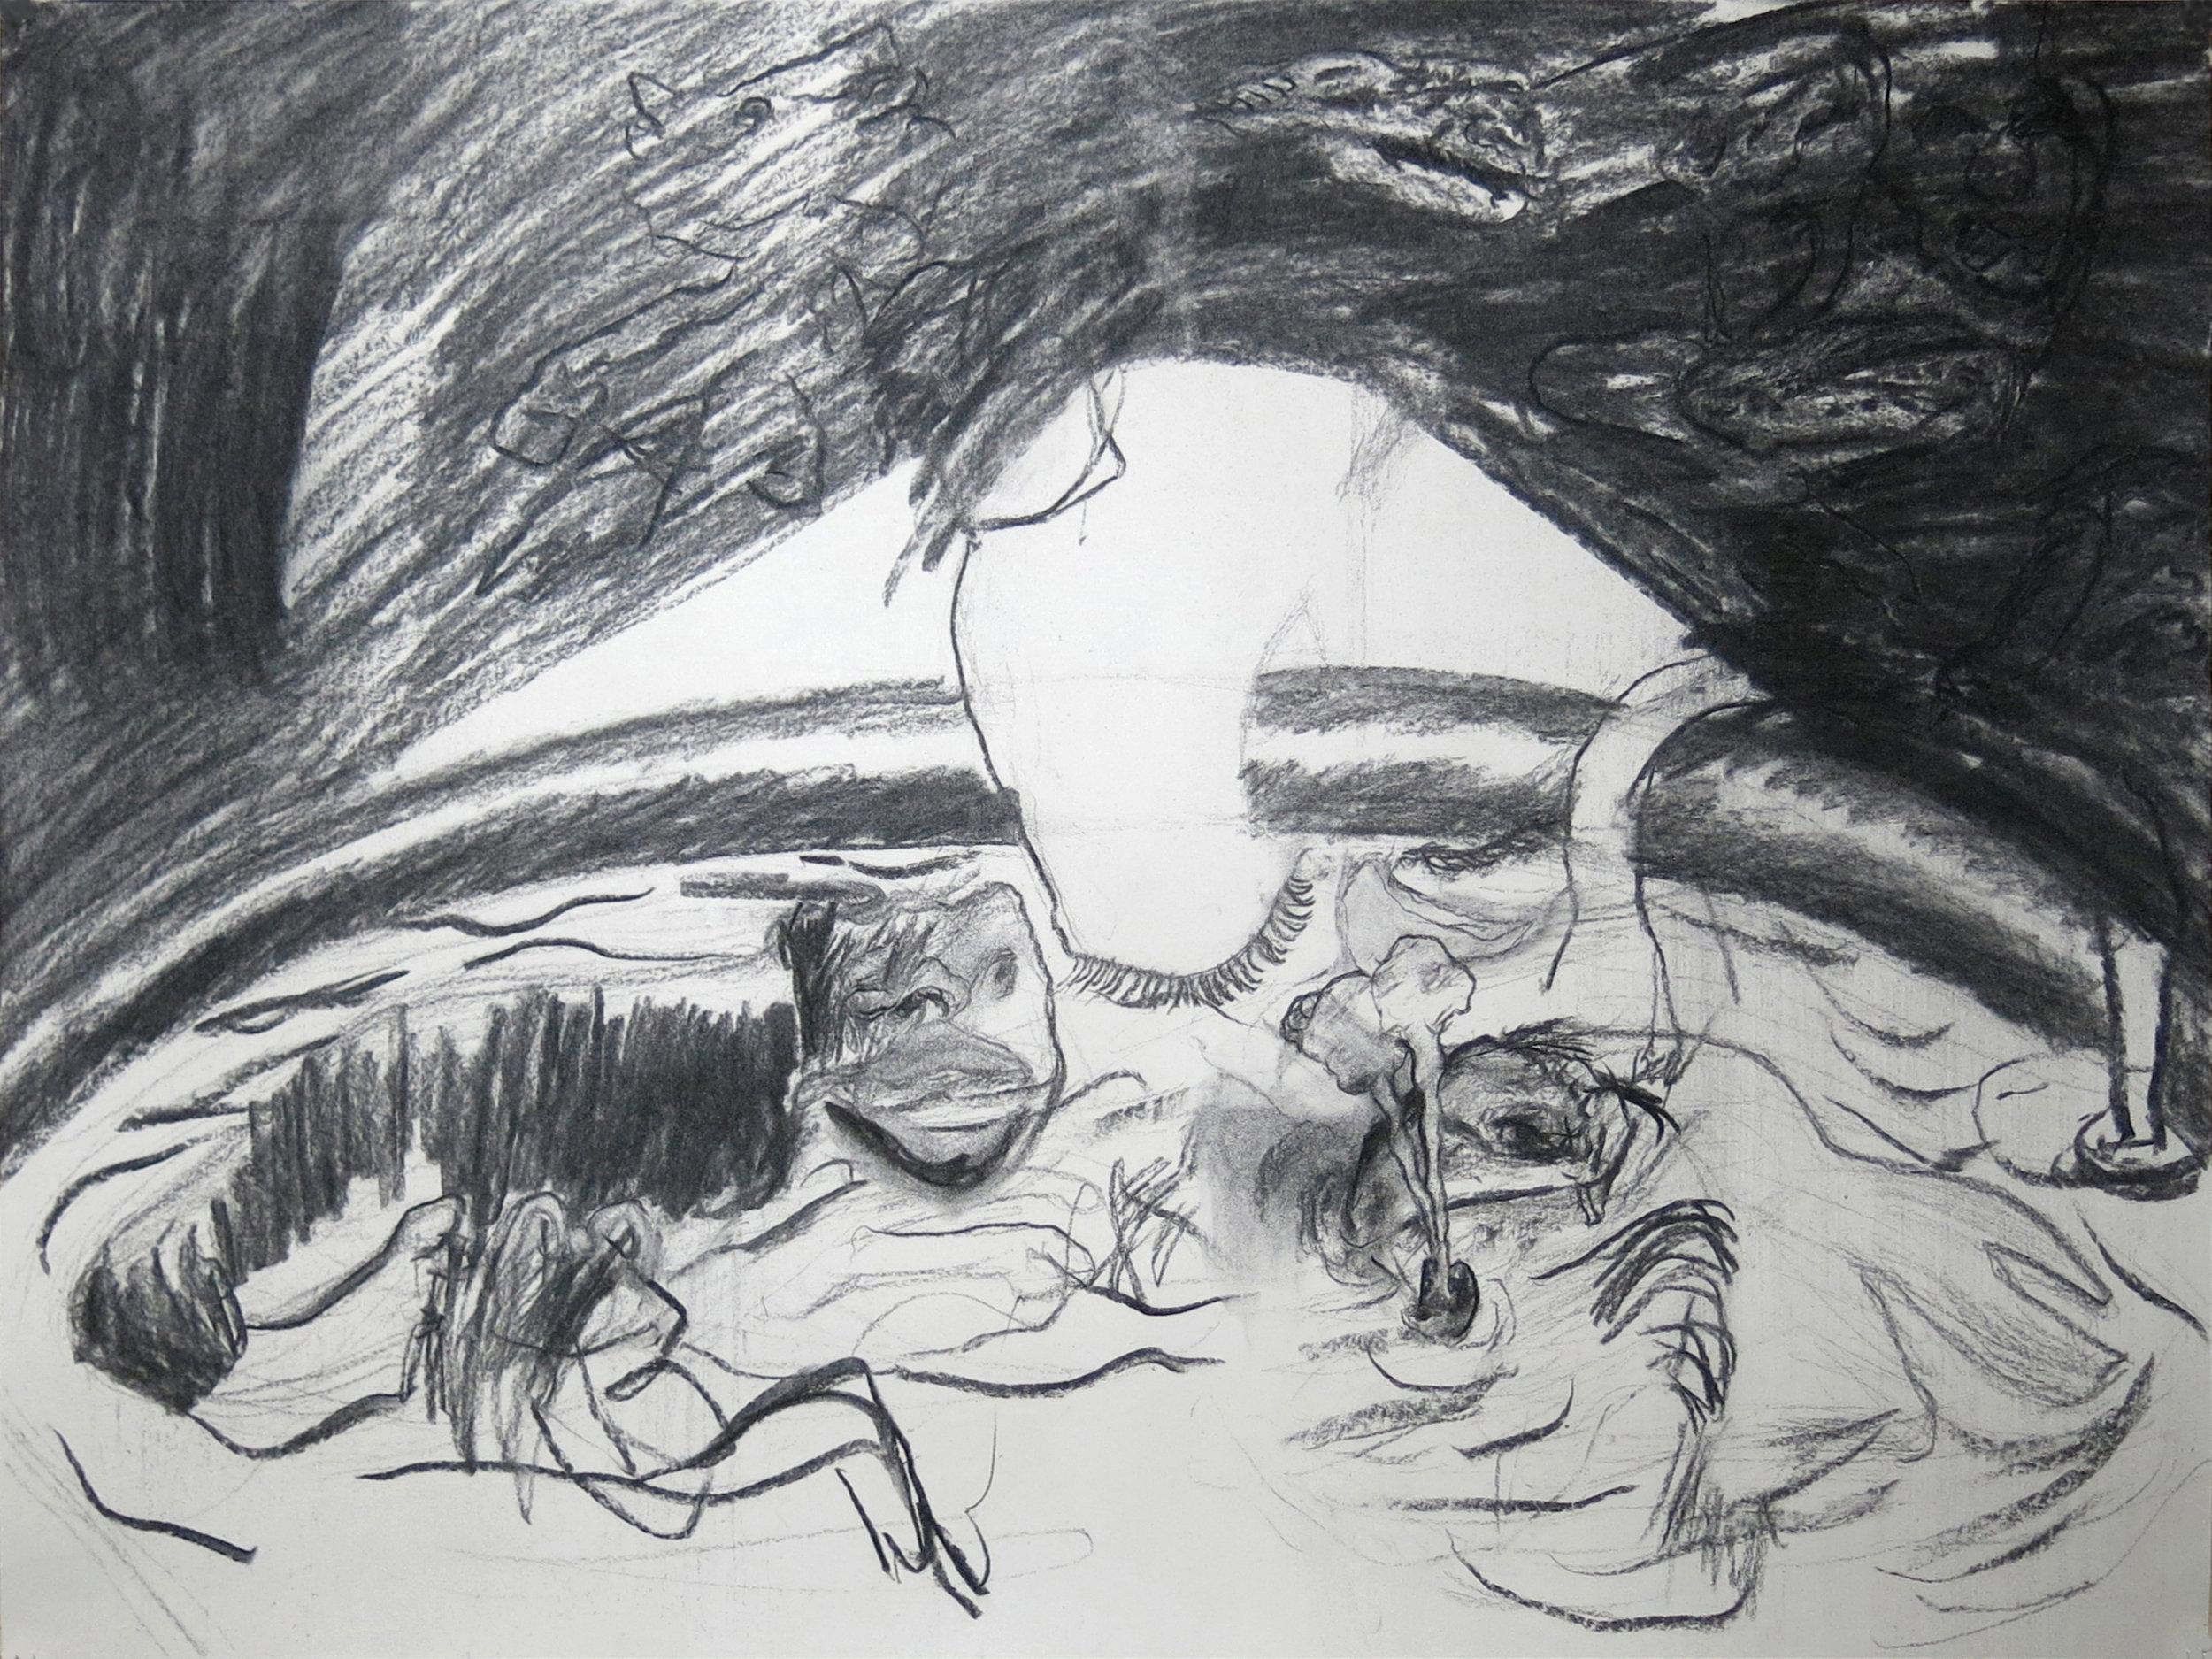 Mesopotamia Drawing #8